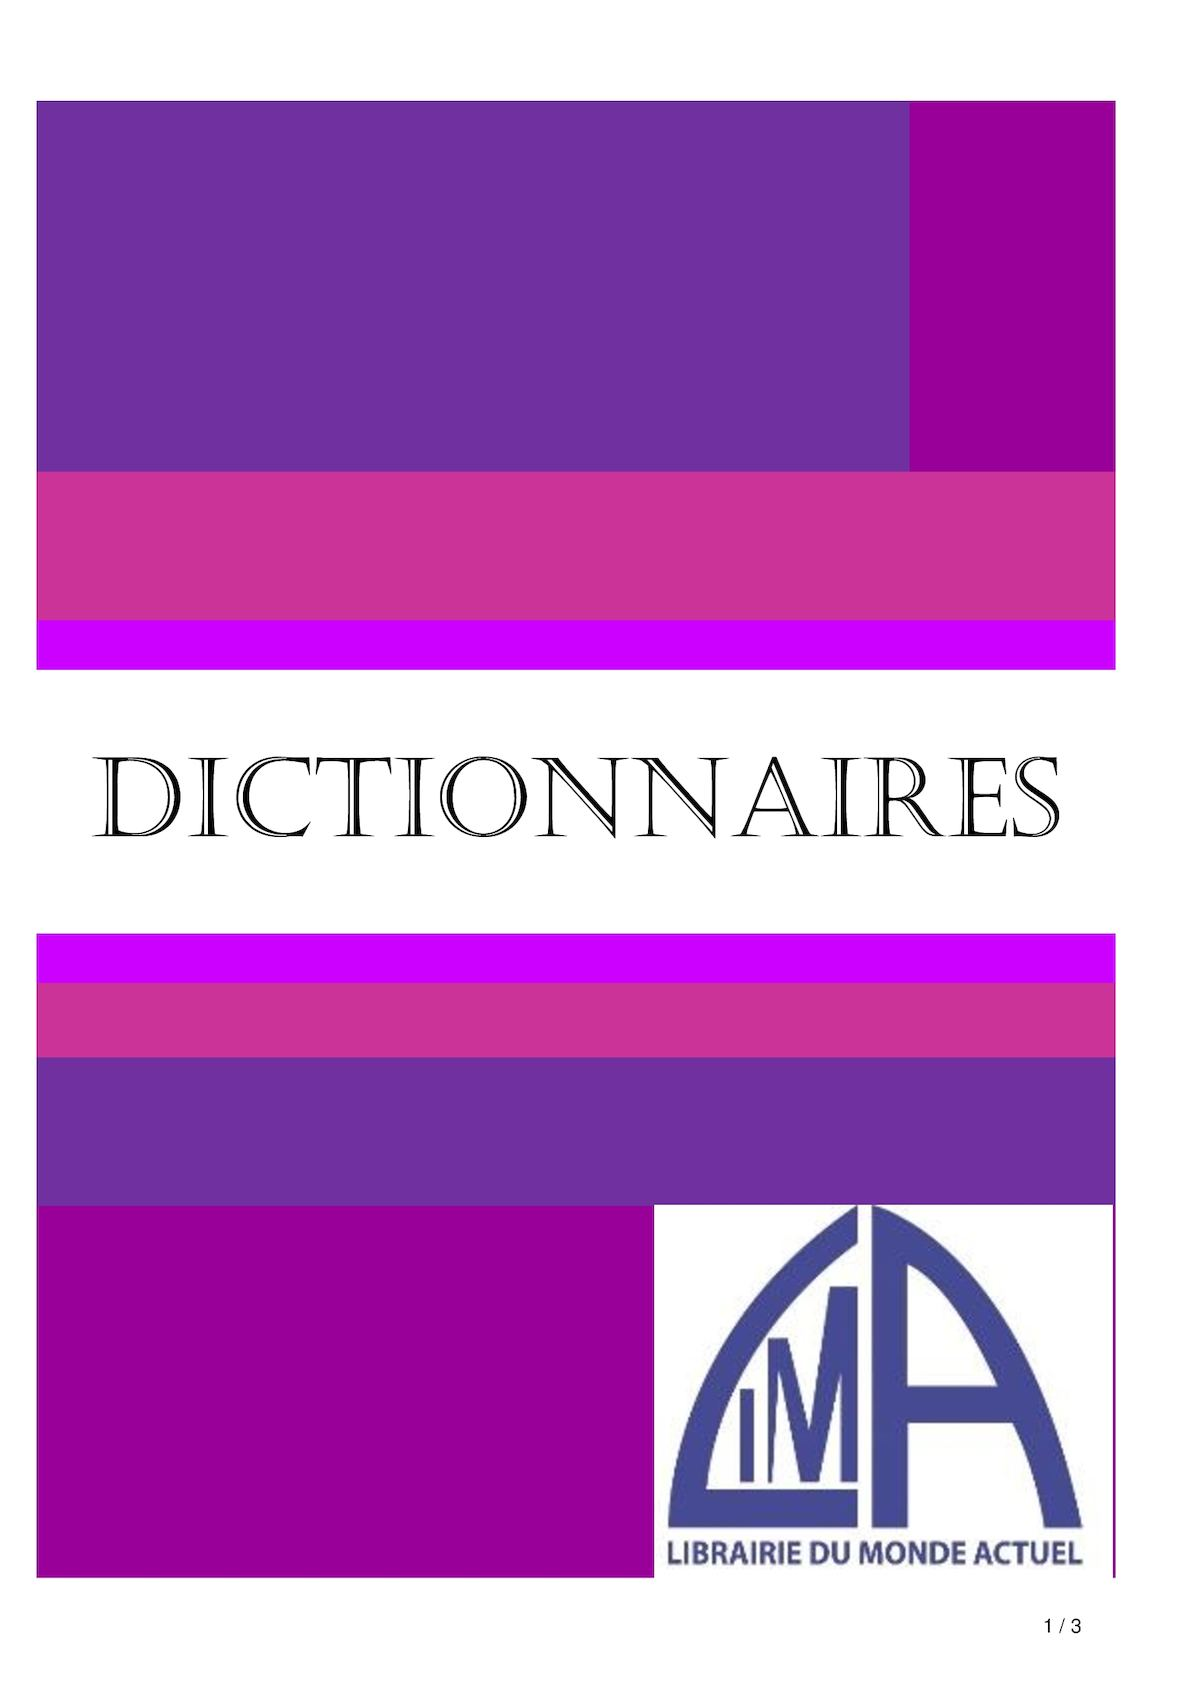 DICTIONNAIRES 2017